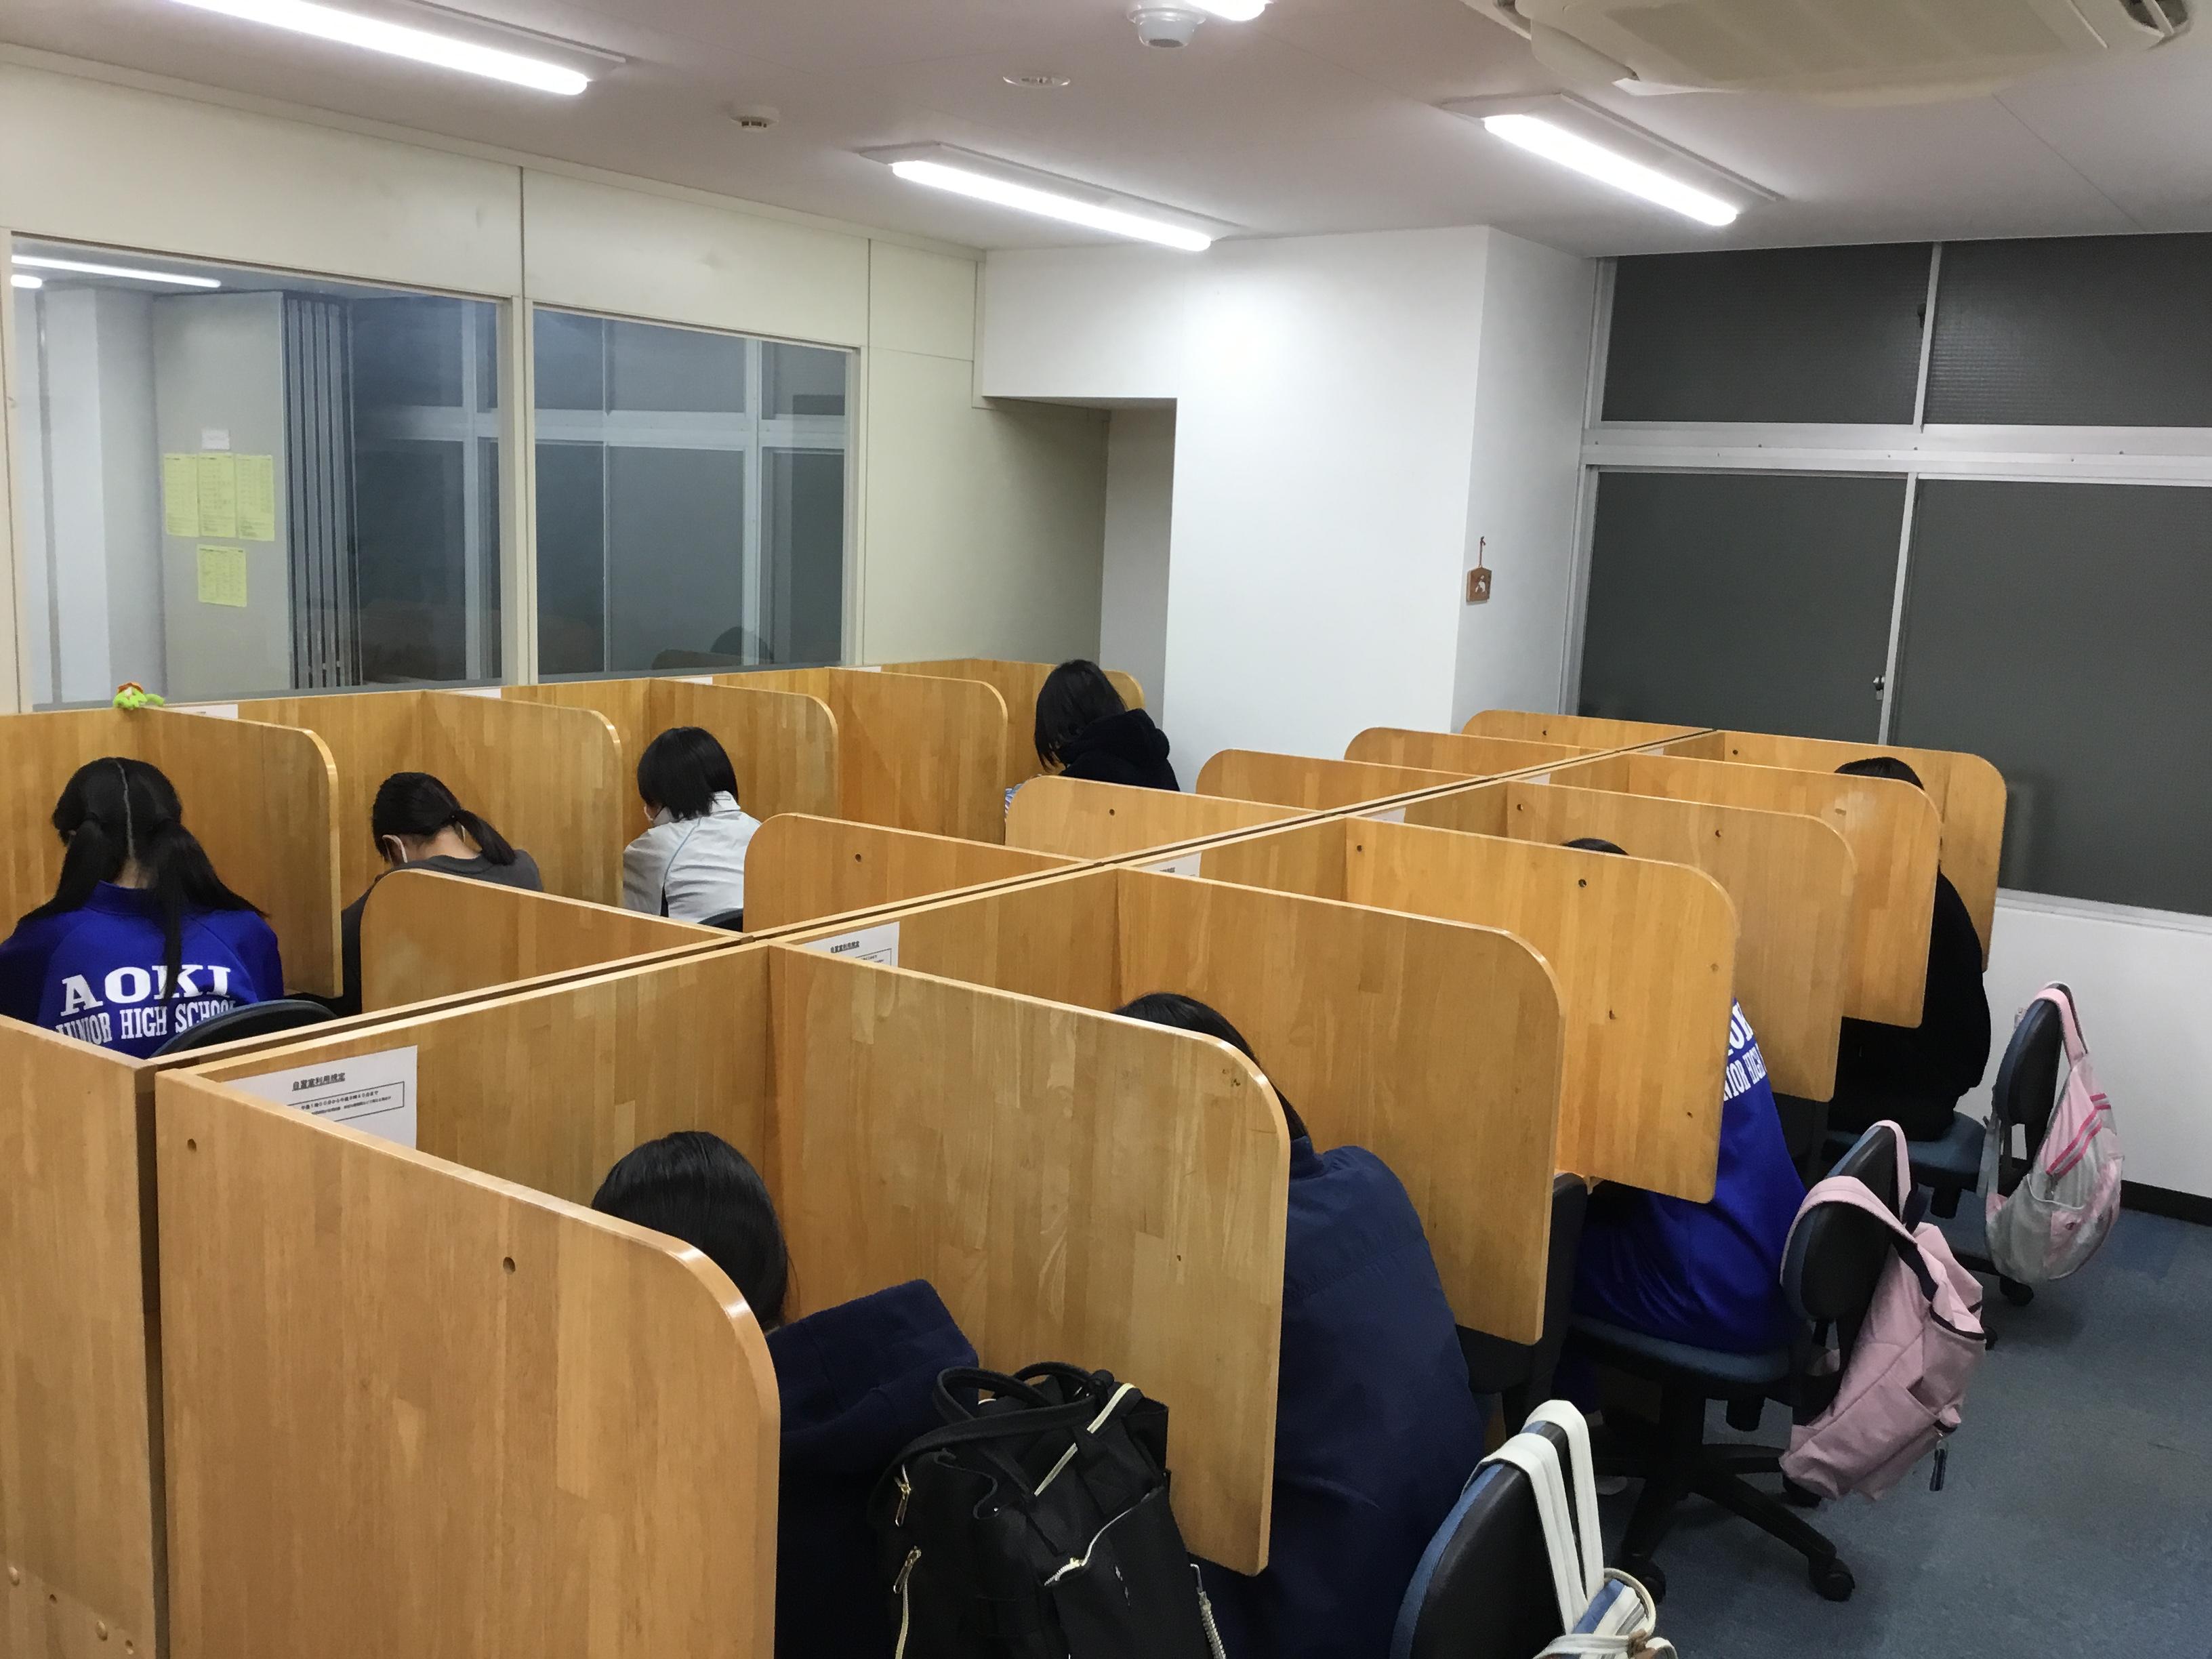 【仕切り付きの自習スペースです】両側に仕切りがあり、自分の勉強に集中できます。学校の定期テスト勉強や検定試験、受験勉強など、長時間の勉強に最適です。また全席にコンセントがありますので、リスニングの勉強もできます。